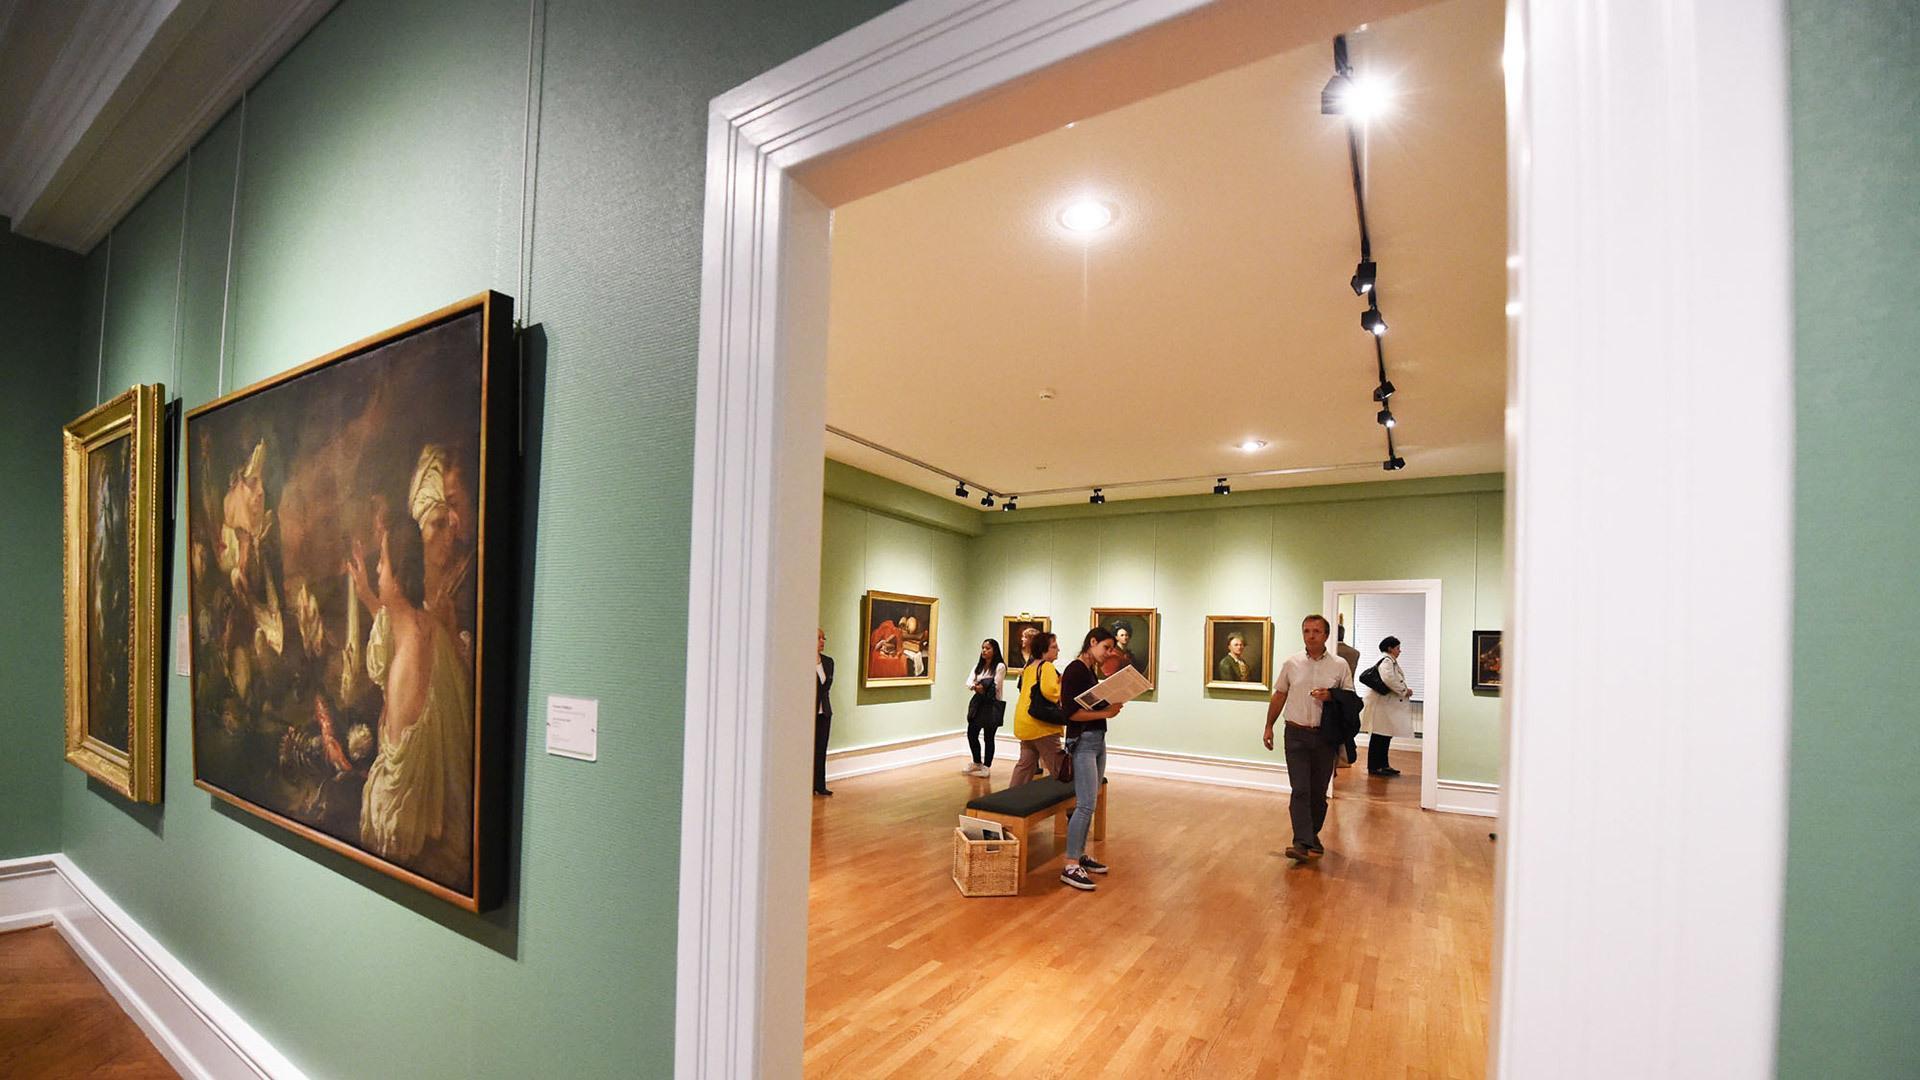 Le Musée des Beaux-Arts de Mulhouse : ouverture le 10 juin © Photo : Catherine Kohler